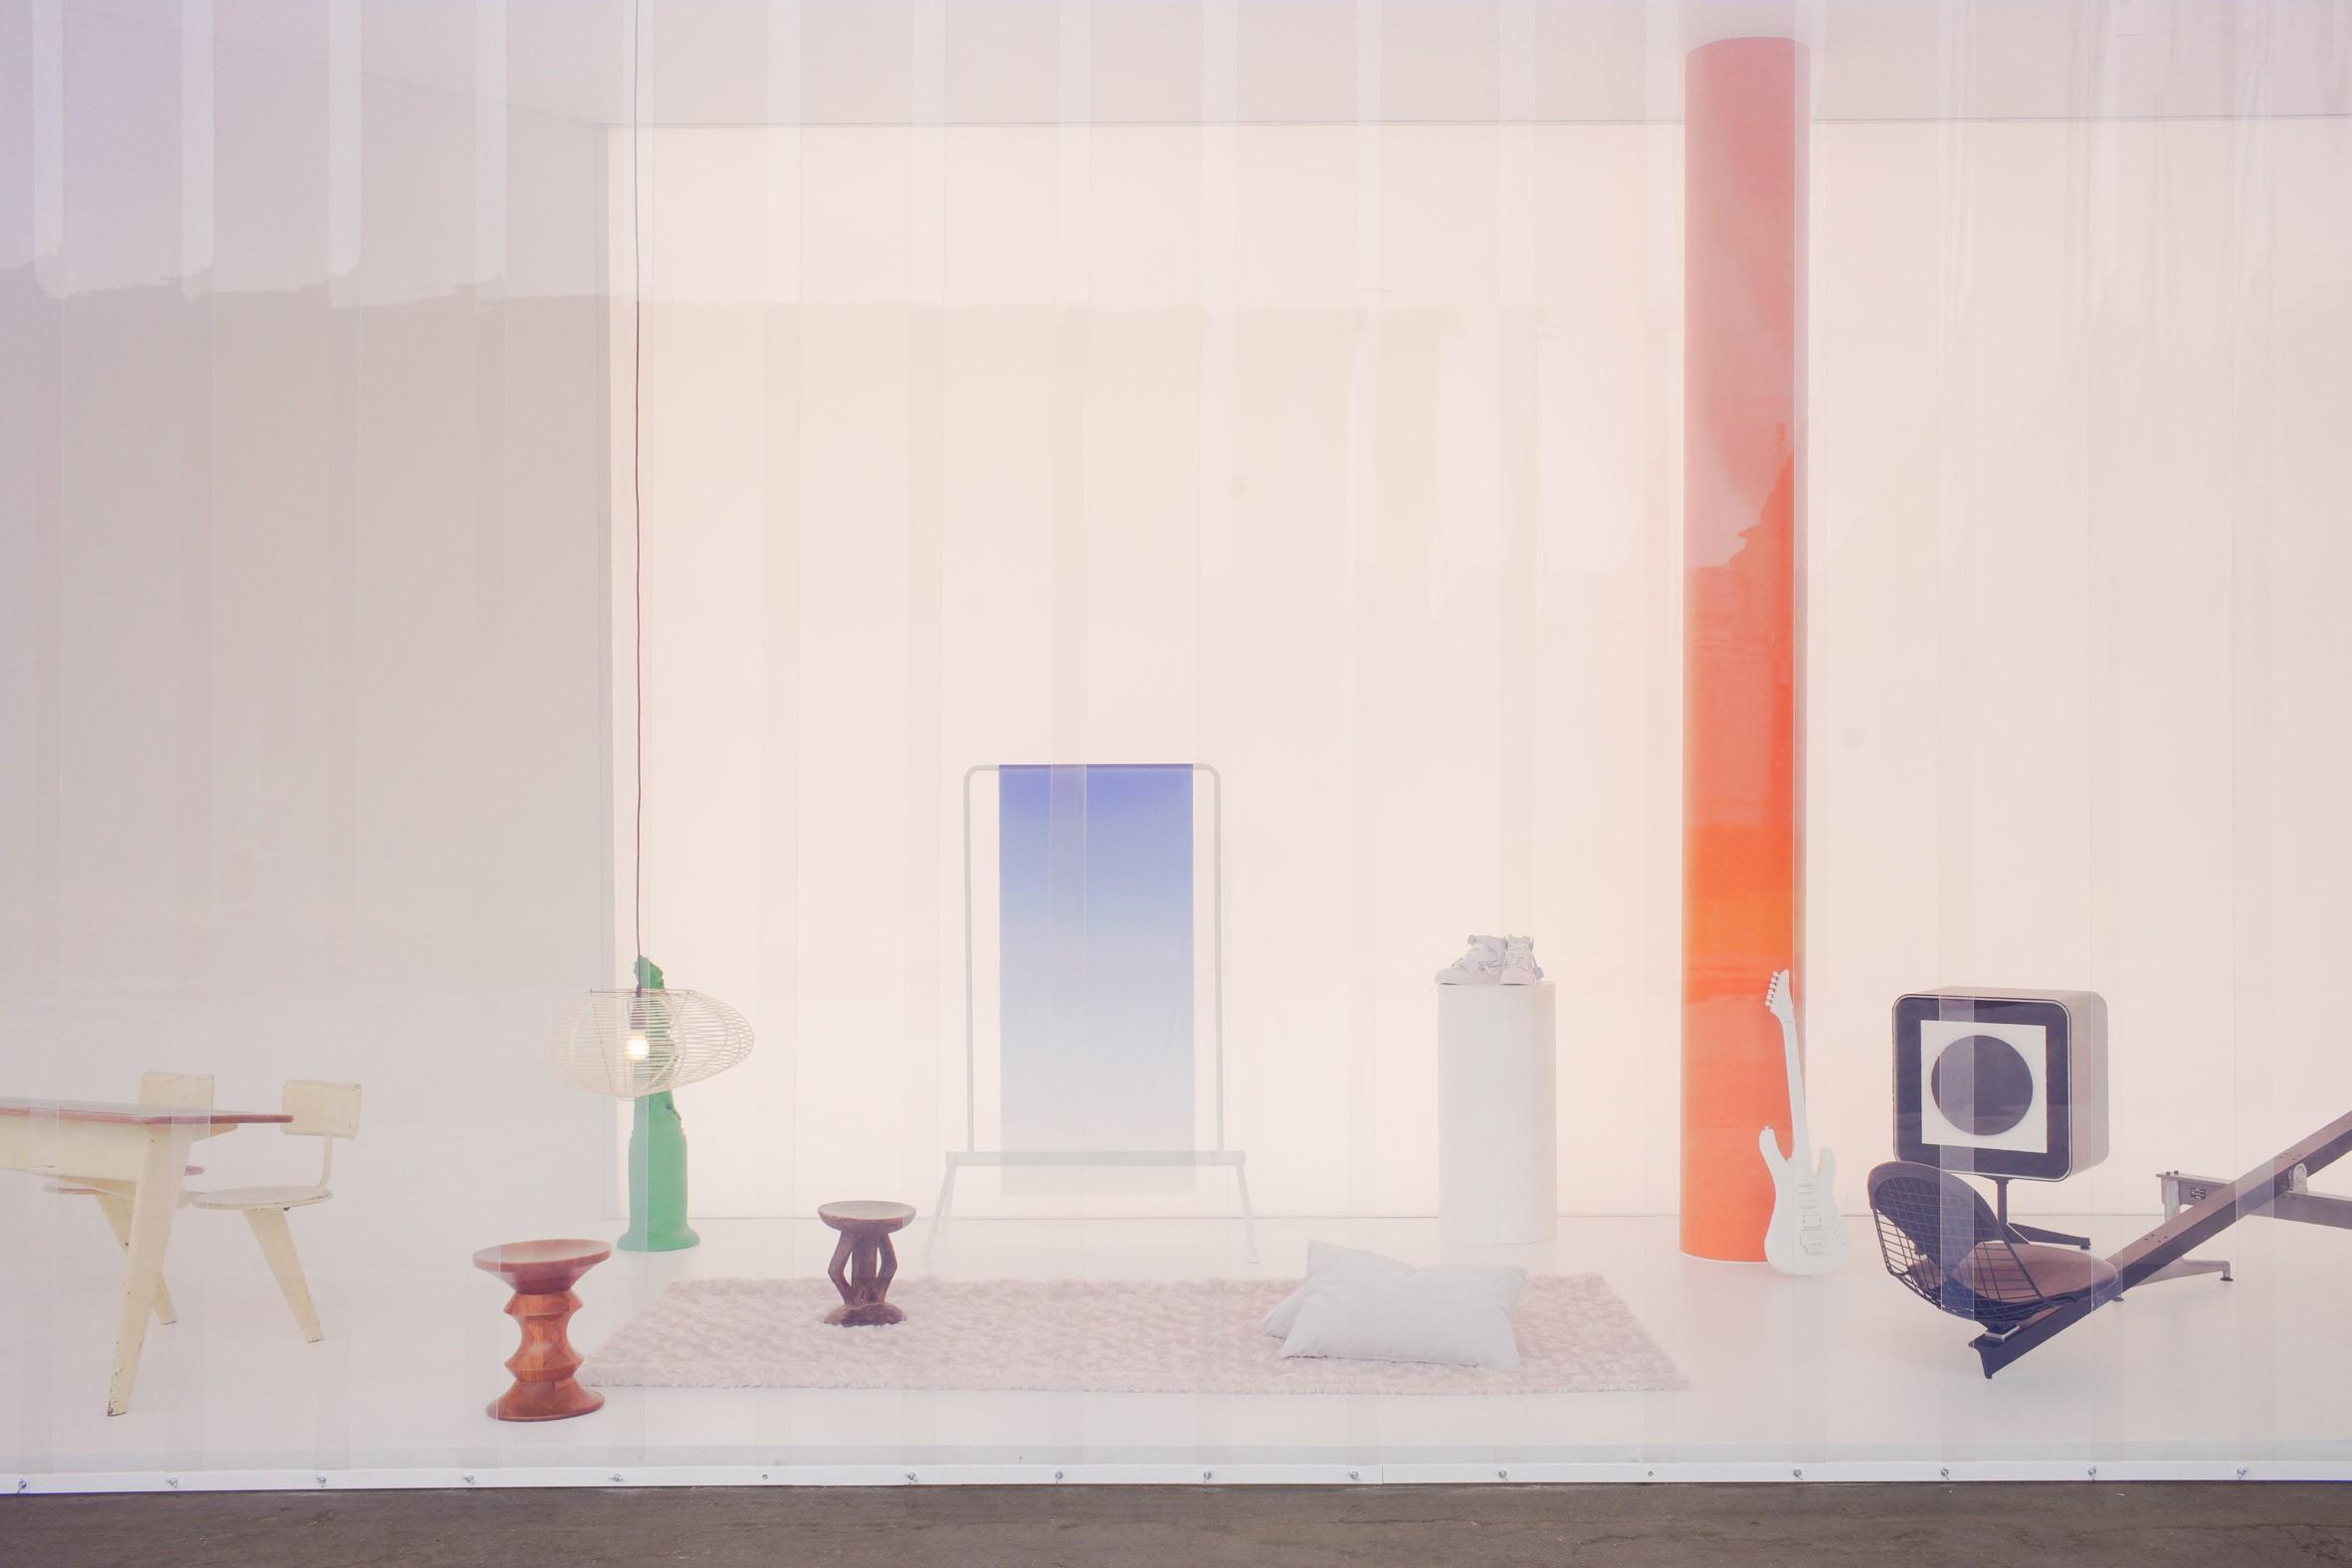 Virgil Abloh cria casa do futuro em instalação que reinventa clássicos do design (Foto: Reprodução)